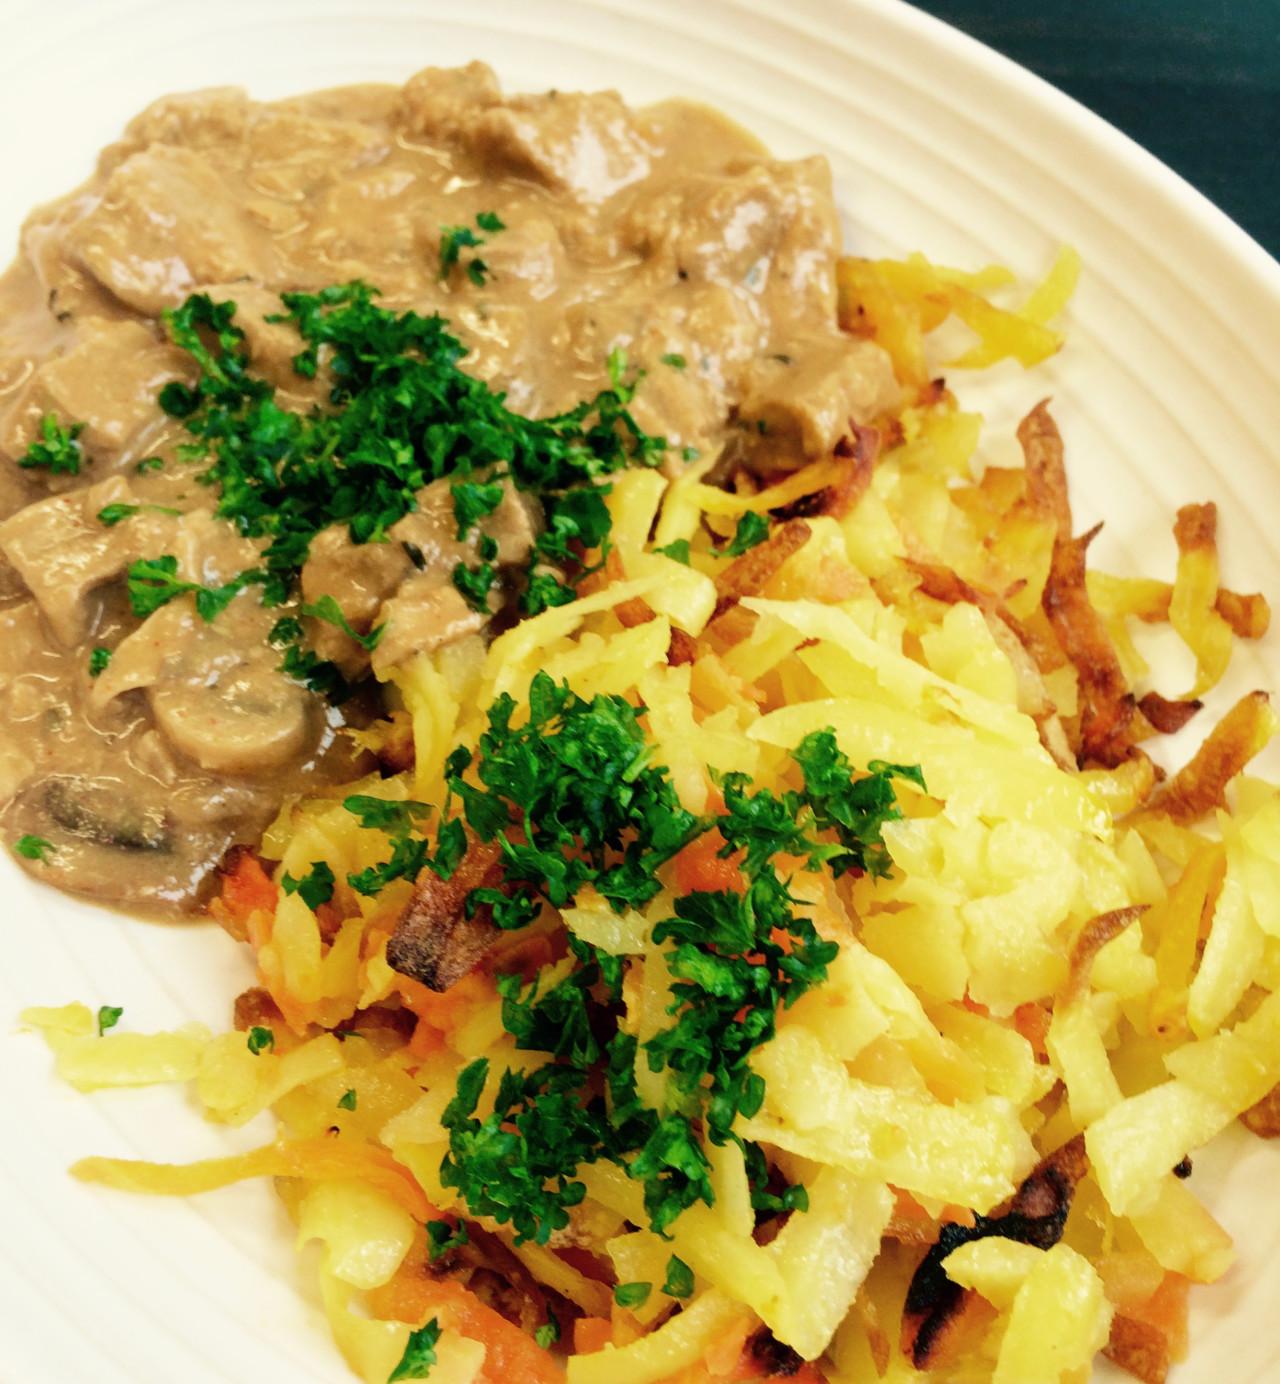 """Züri """"Gschnätzlets"""" mit Härdöpfel-Rüebli-Rösti. Vegan und einfach lecker!"""